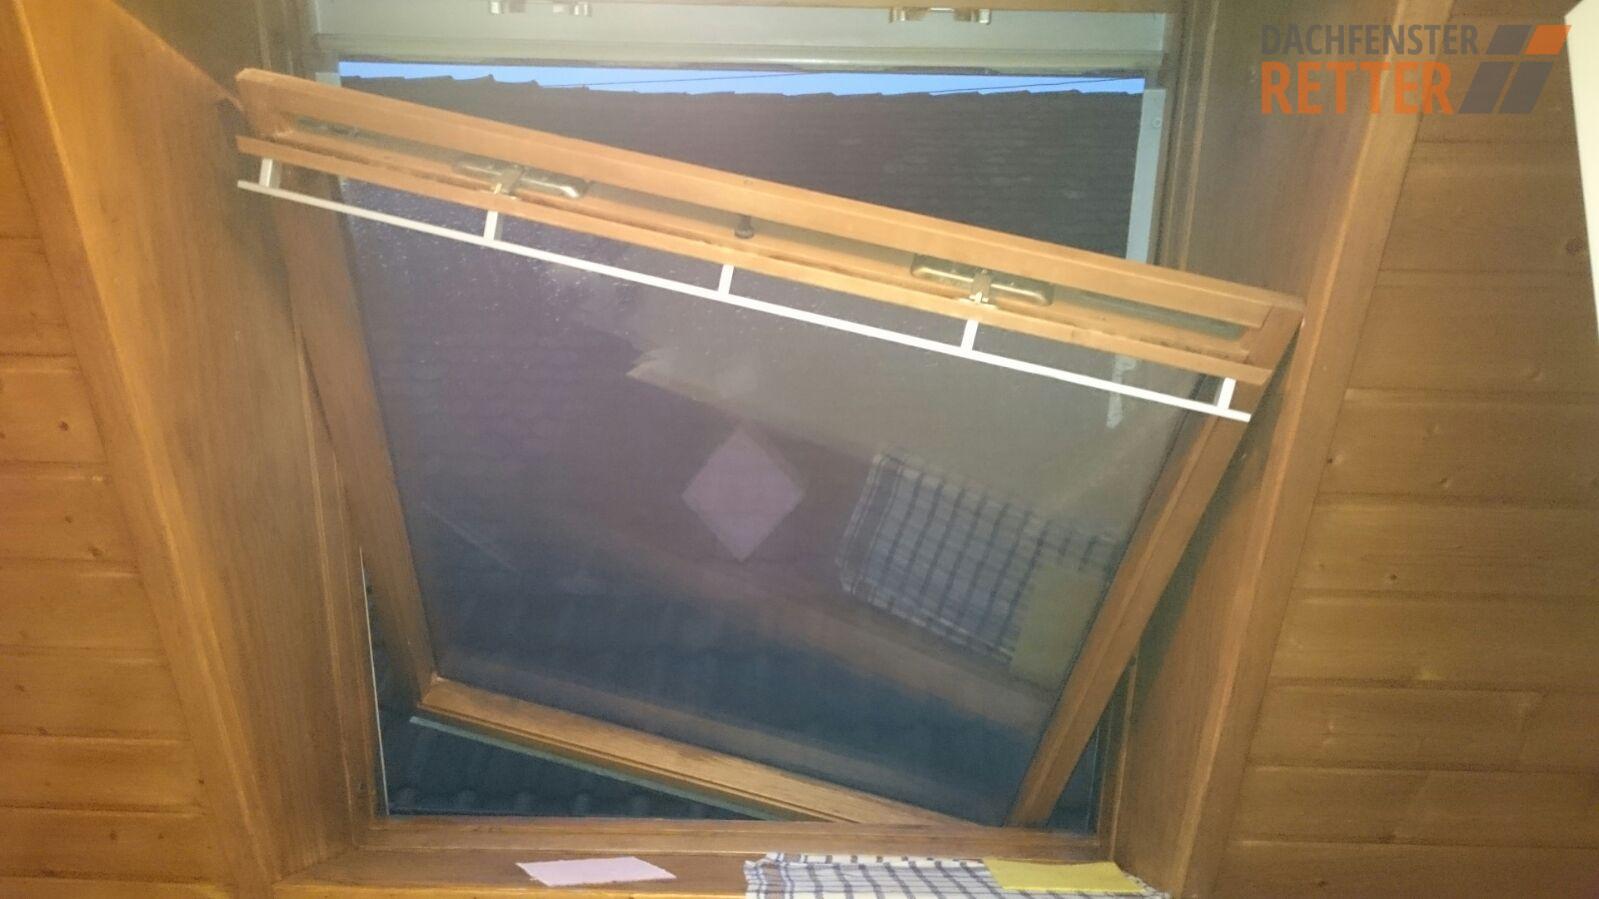 Favorit ups, können Sie uns helfen? VELUX - Dachfenster-Retter WW54